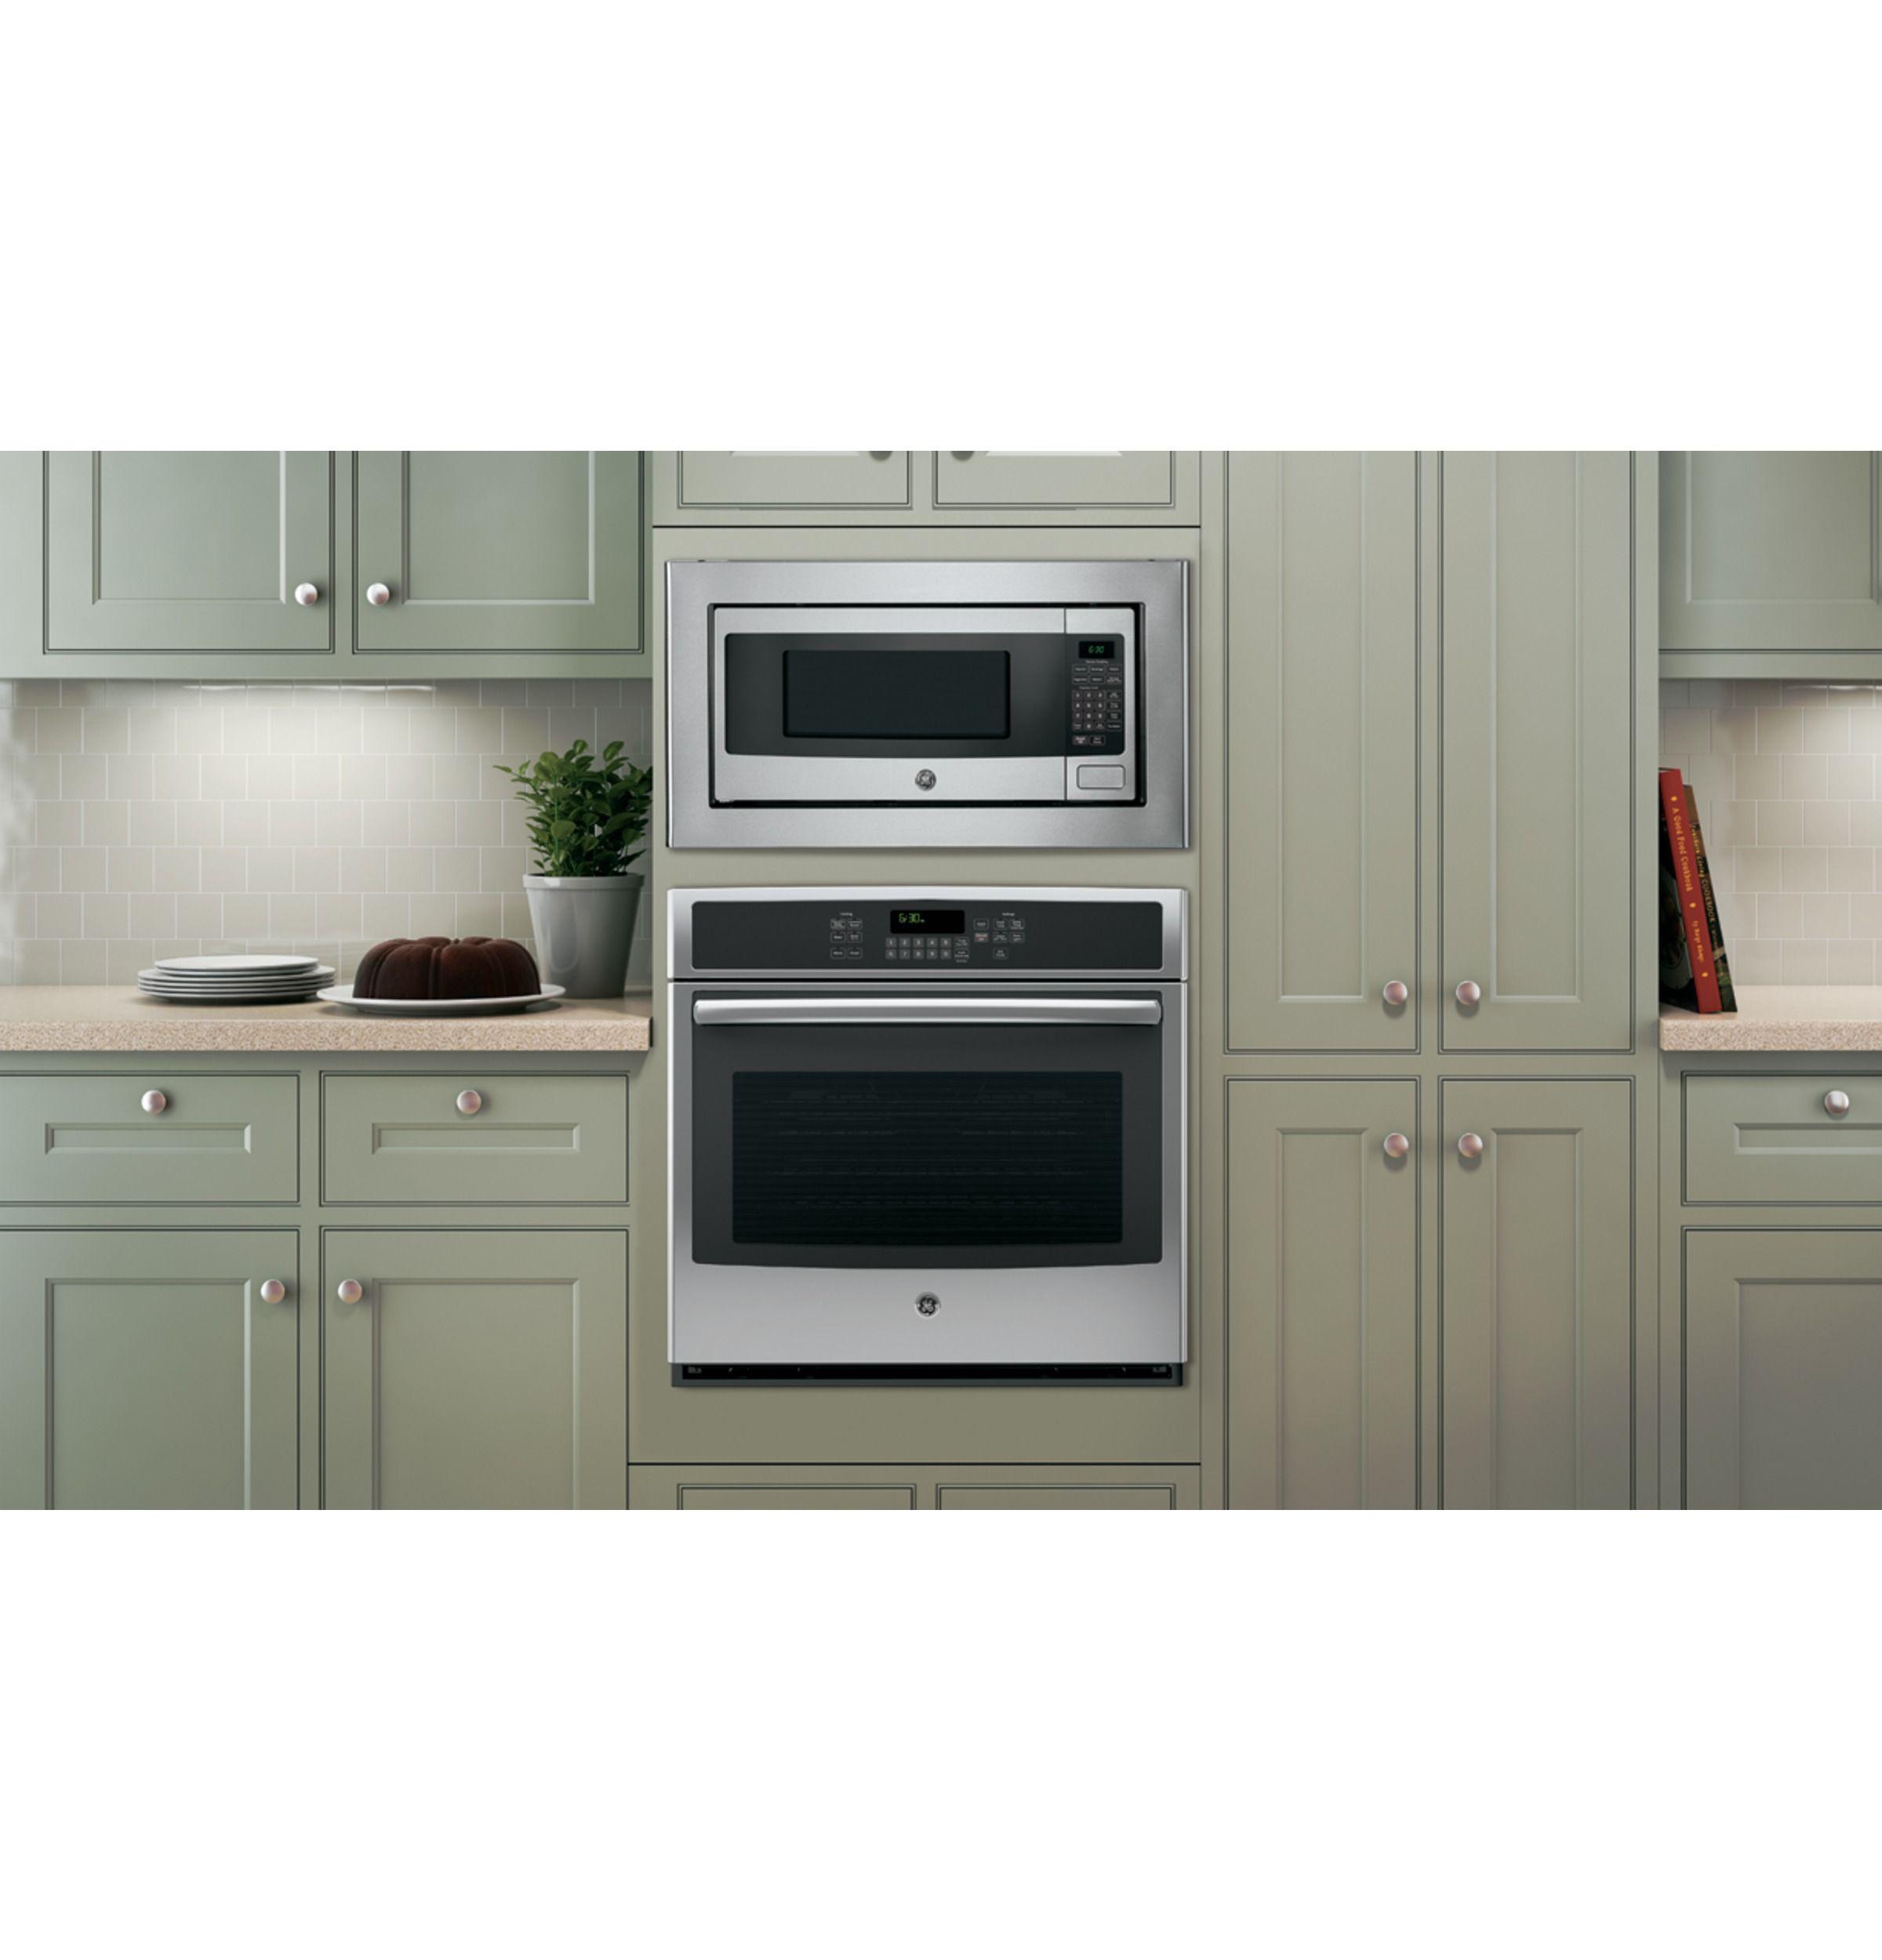 Ge Profile 1 1 Cu Ft Countertop Microwave Pem31sfss 30 Trim